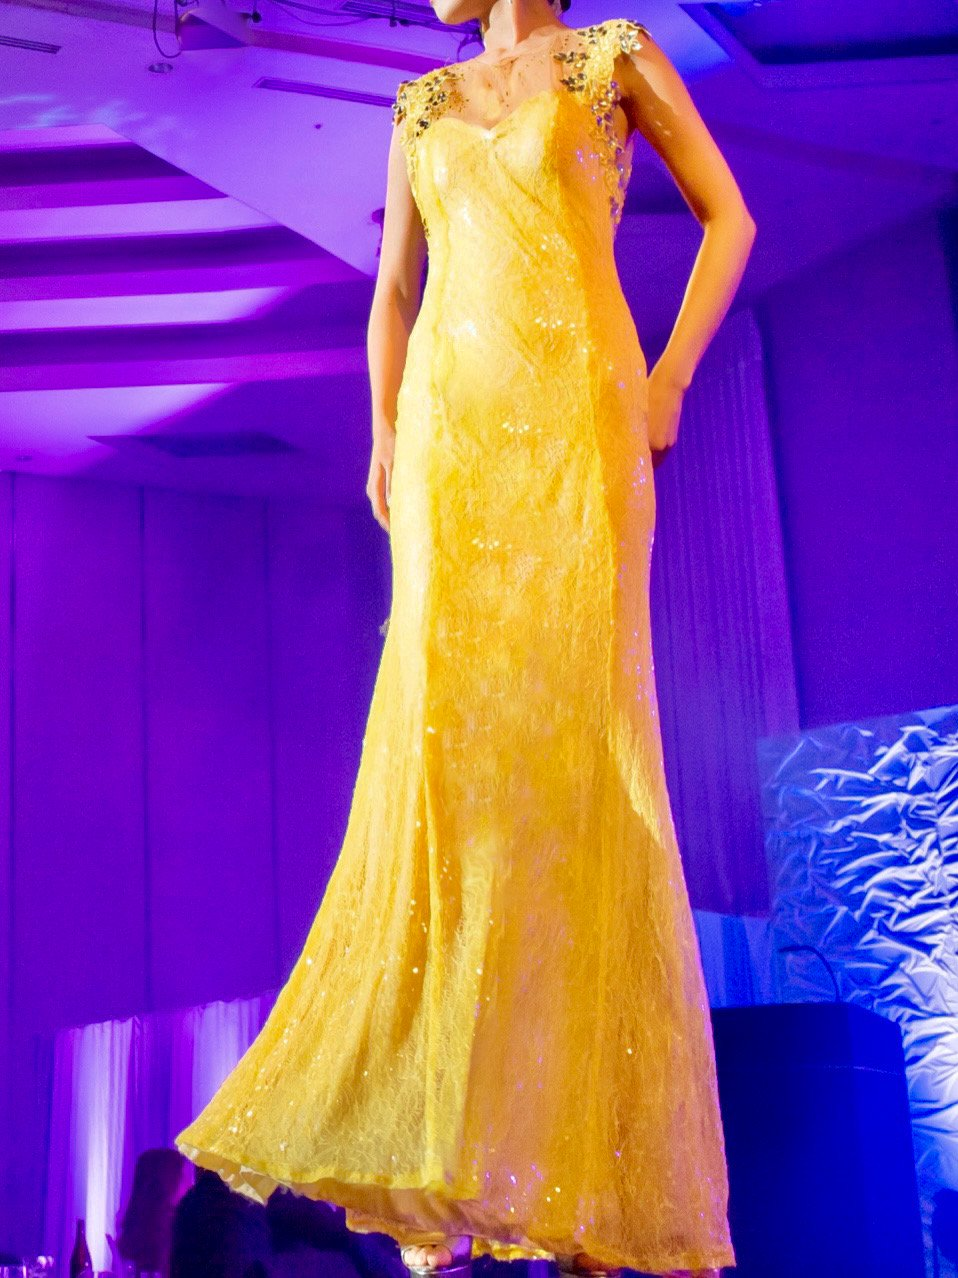 ミモザイエローシャイニーレース&スパンコールマーメイドドレス (Pre-owned)